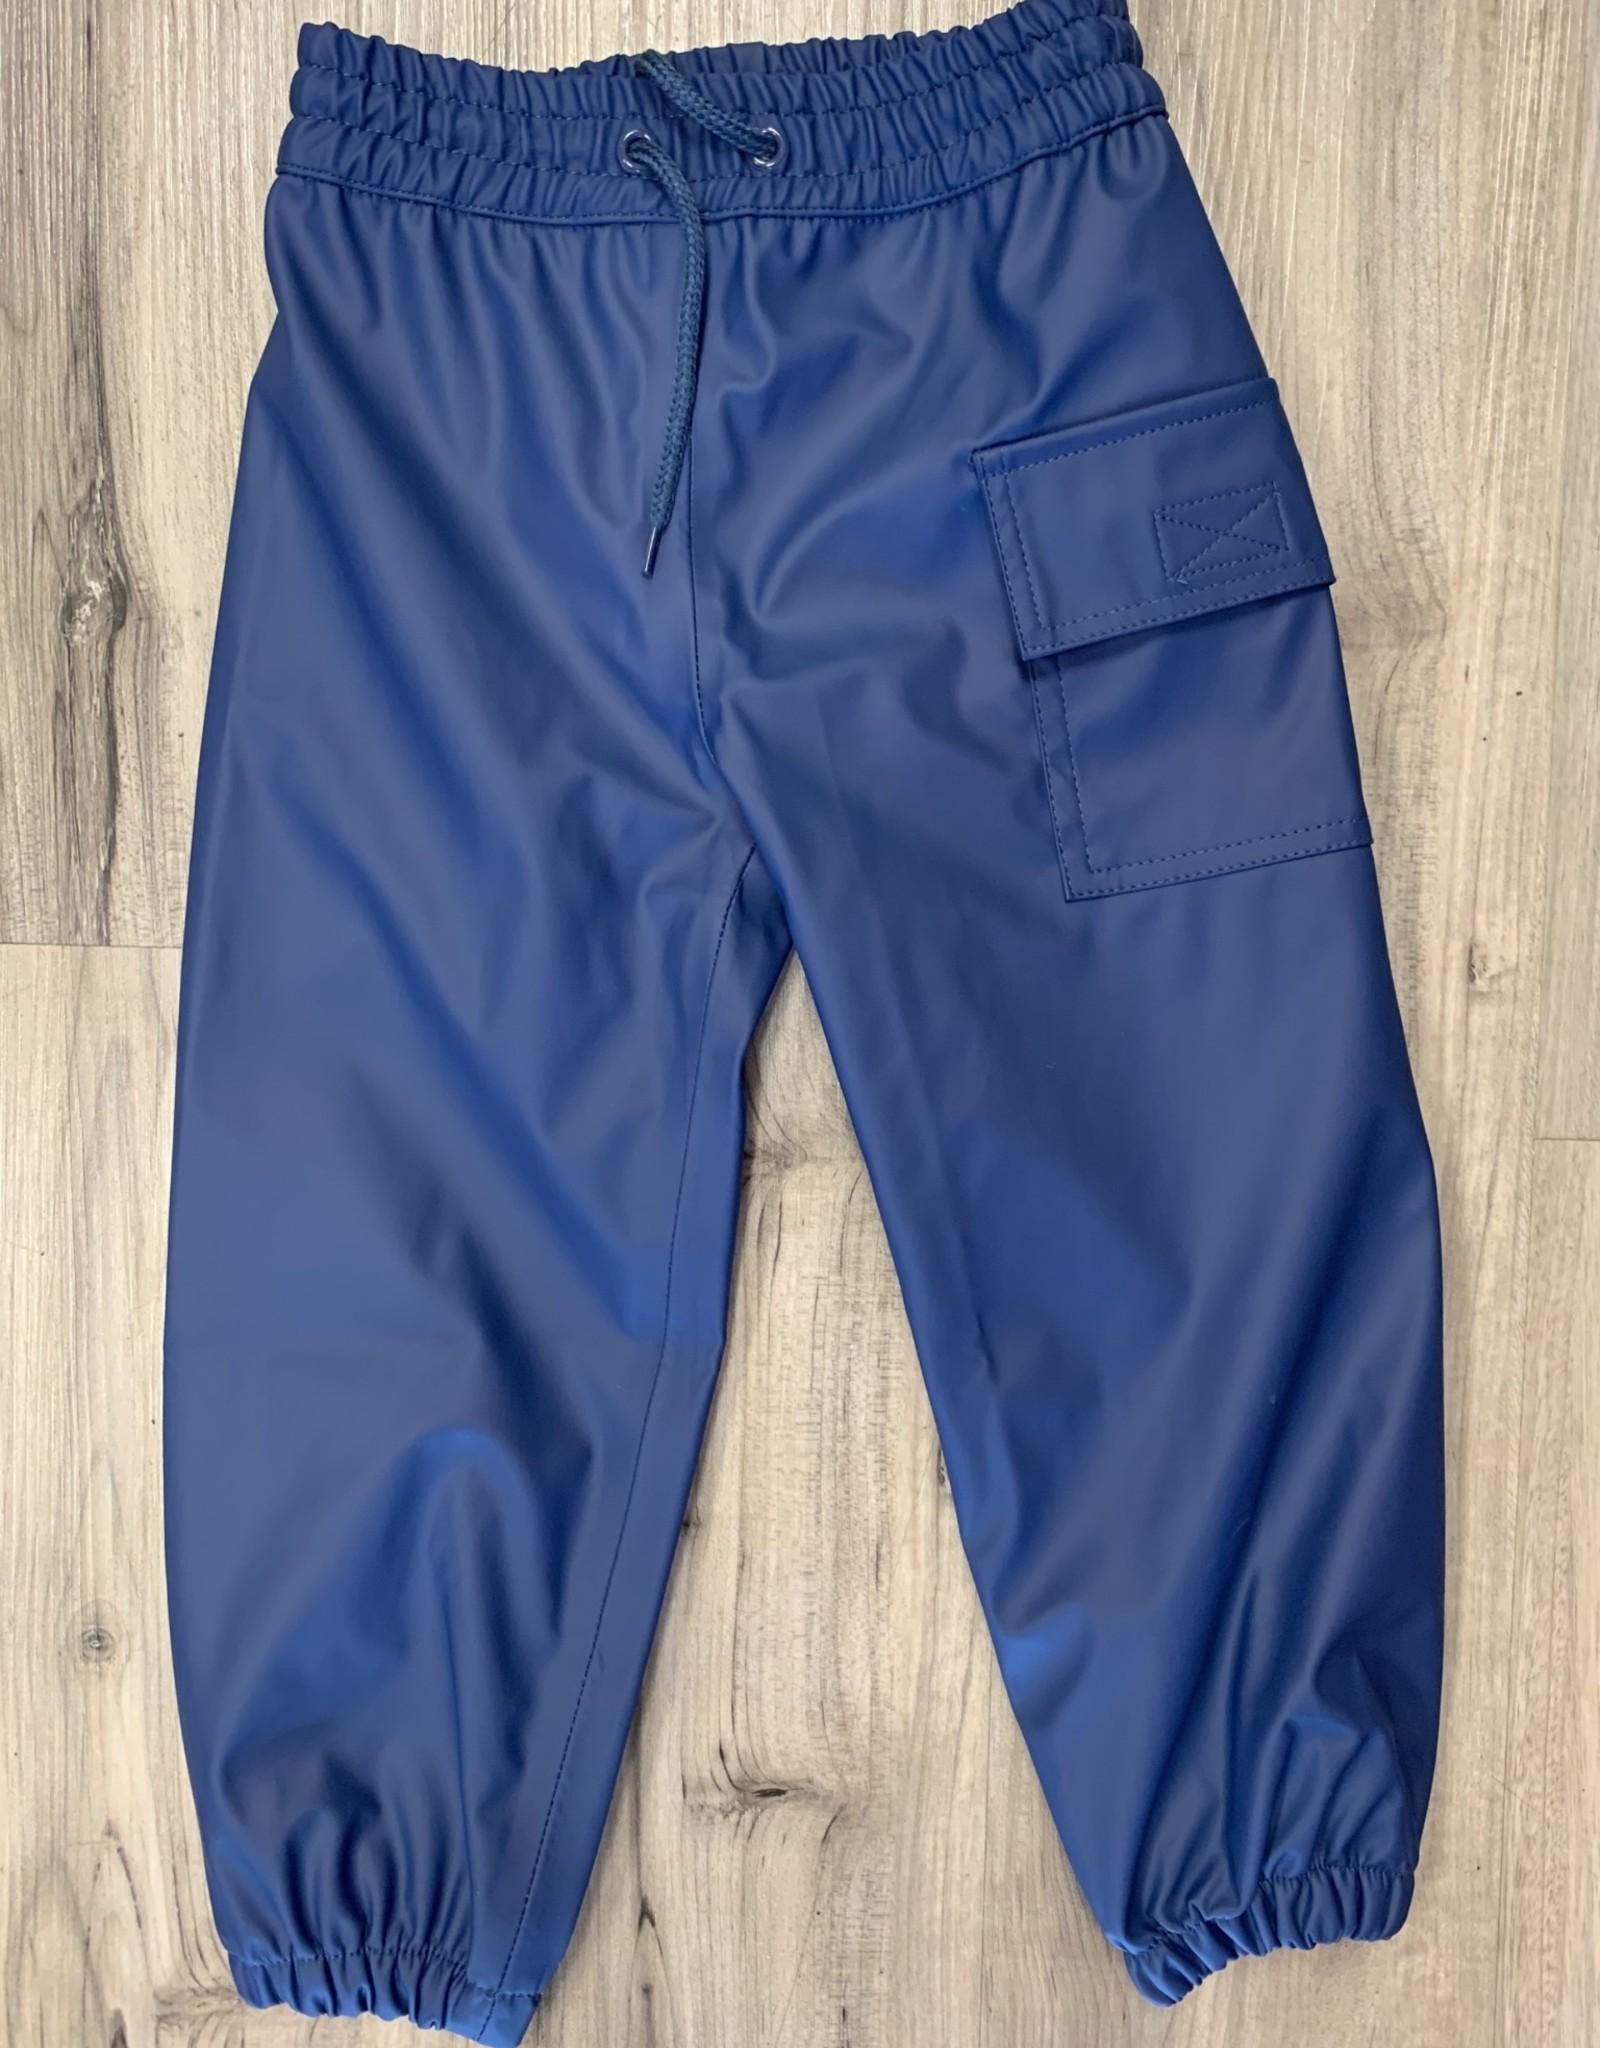 Hatley Splash pants